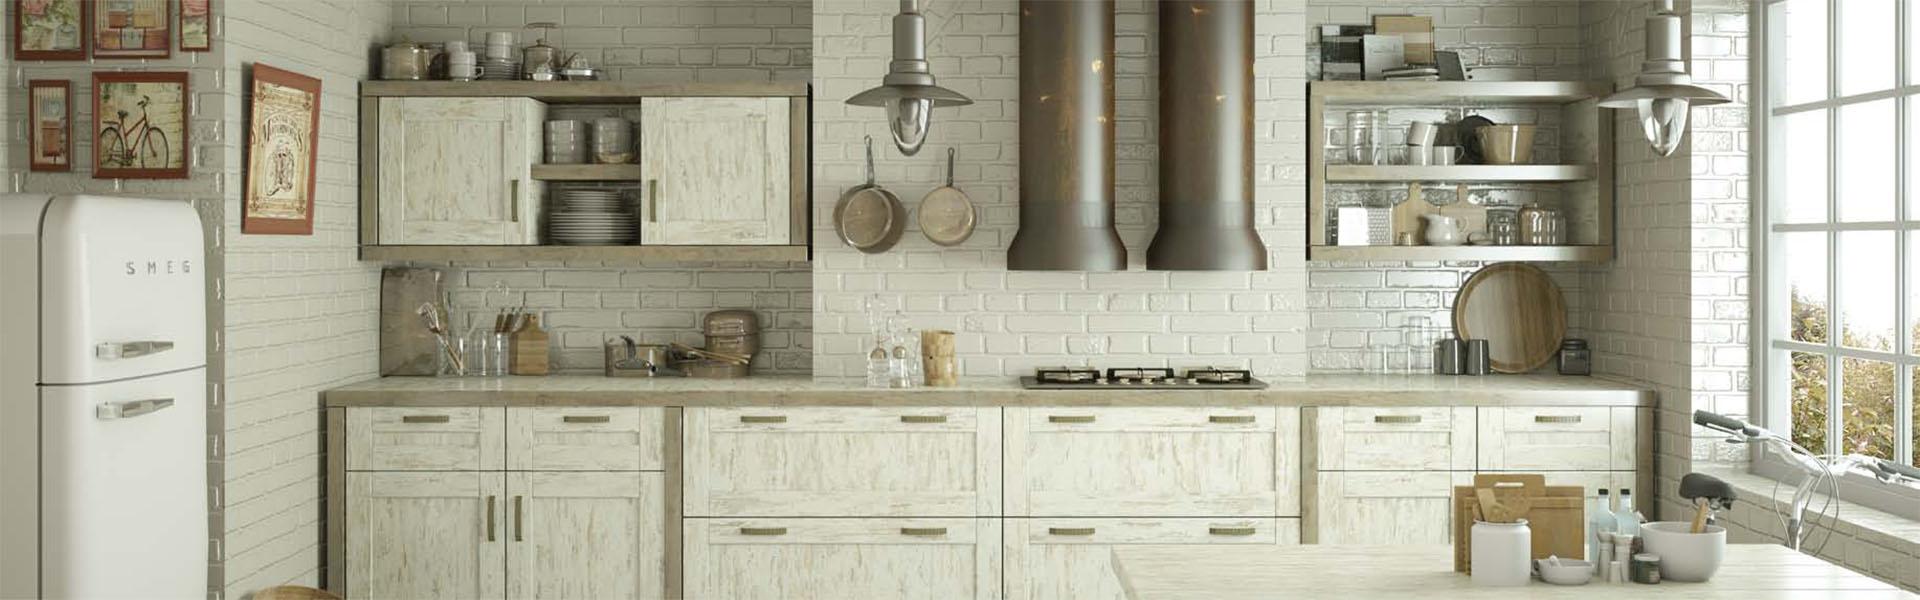 Cocina muebles diseño madera vintage moderno Trecoam